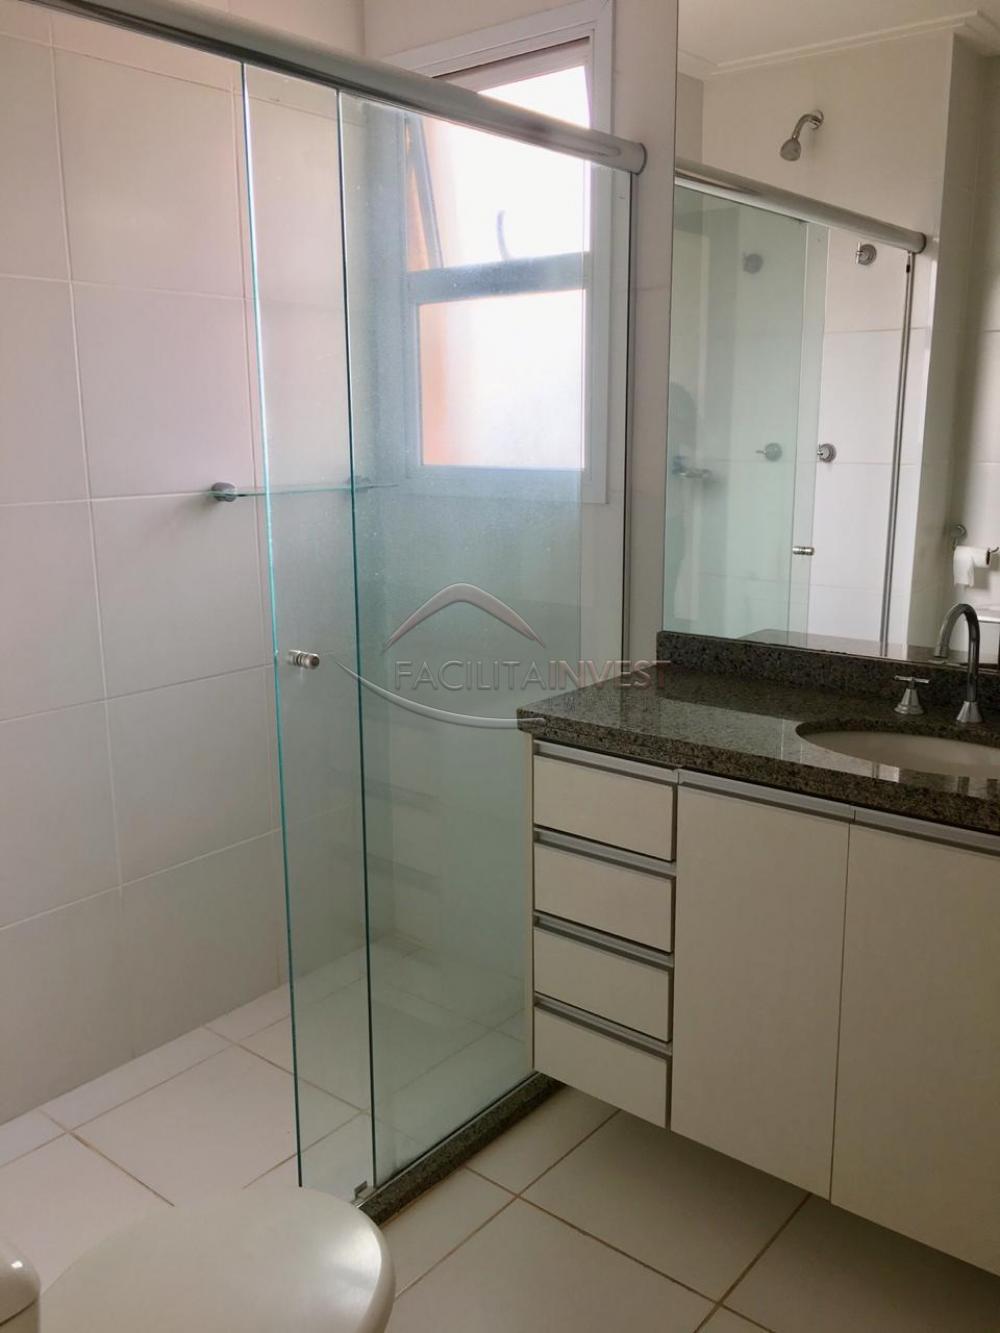 Alugar Apartamentos / Apart. Padrão em Ribeirão Preto apenas R$ 2.300,00 - Foto 10